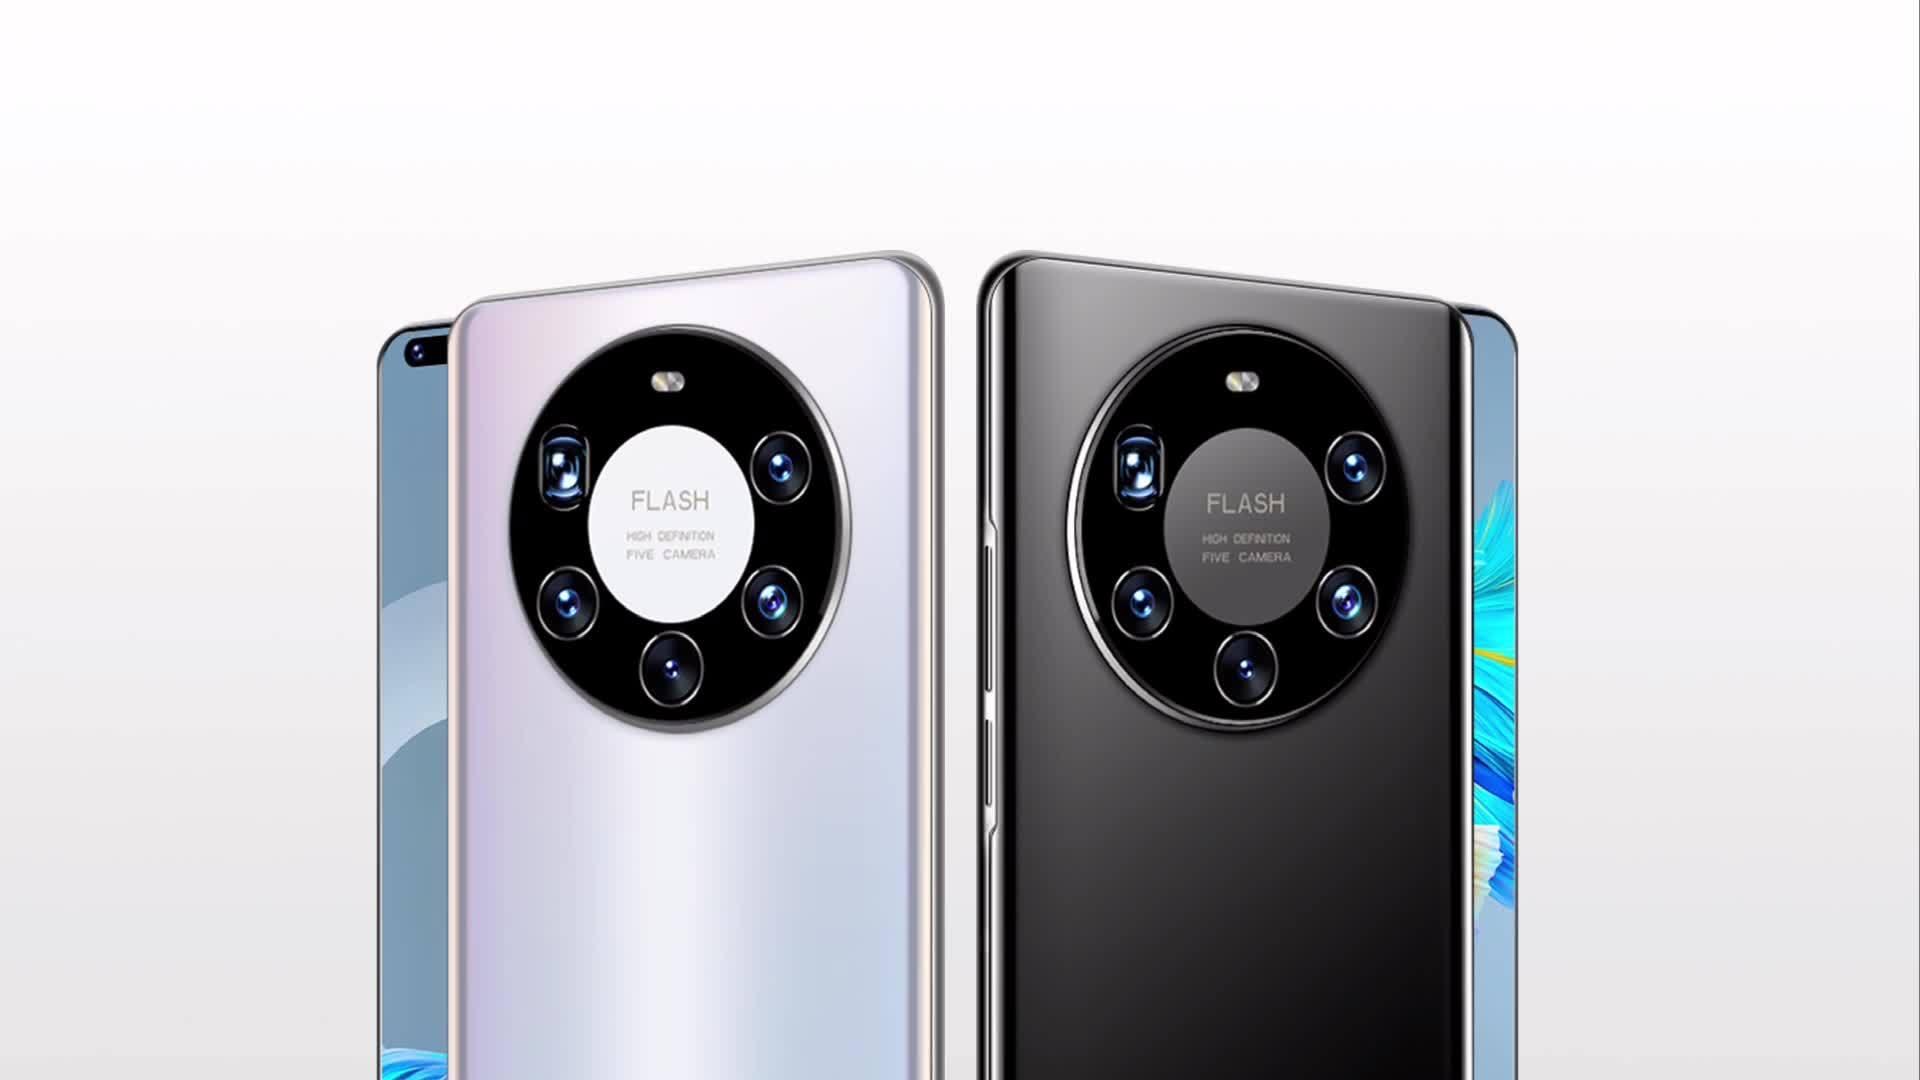 스마트폰 HYT-Mate40 PRO 6.26인치를 통해 휴대폰 5대의 카메라 Android 휴대폰을 사용할 수 있습니다 1GB 이상 8GB 듀얼 SIM 휴대폰